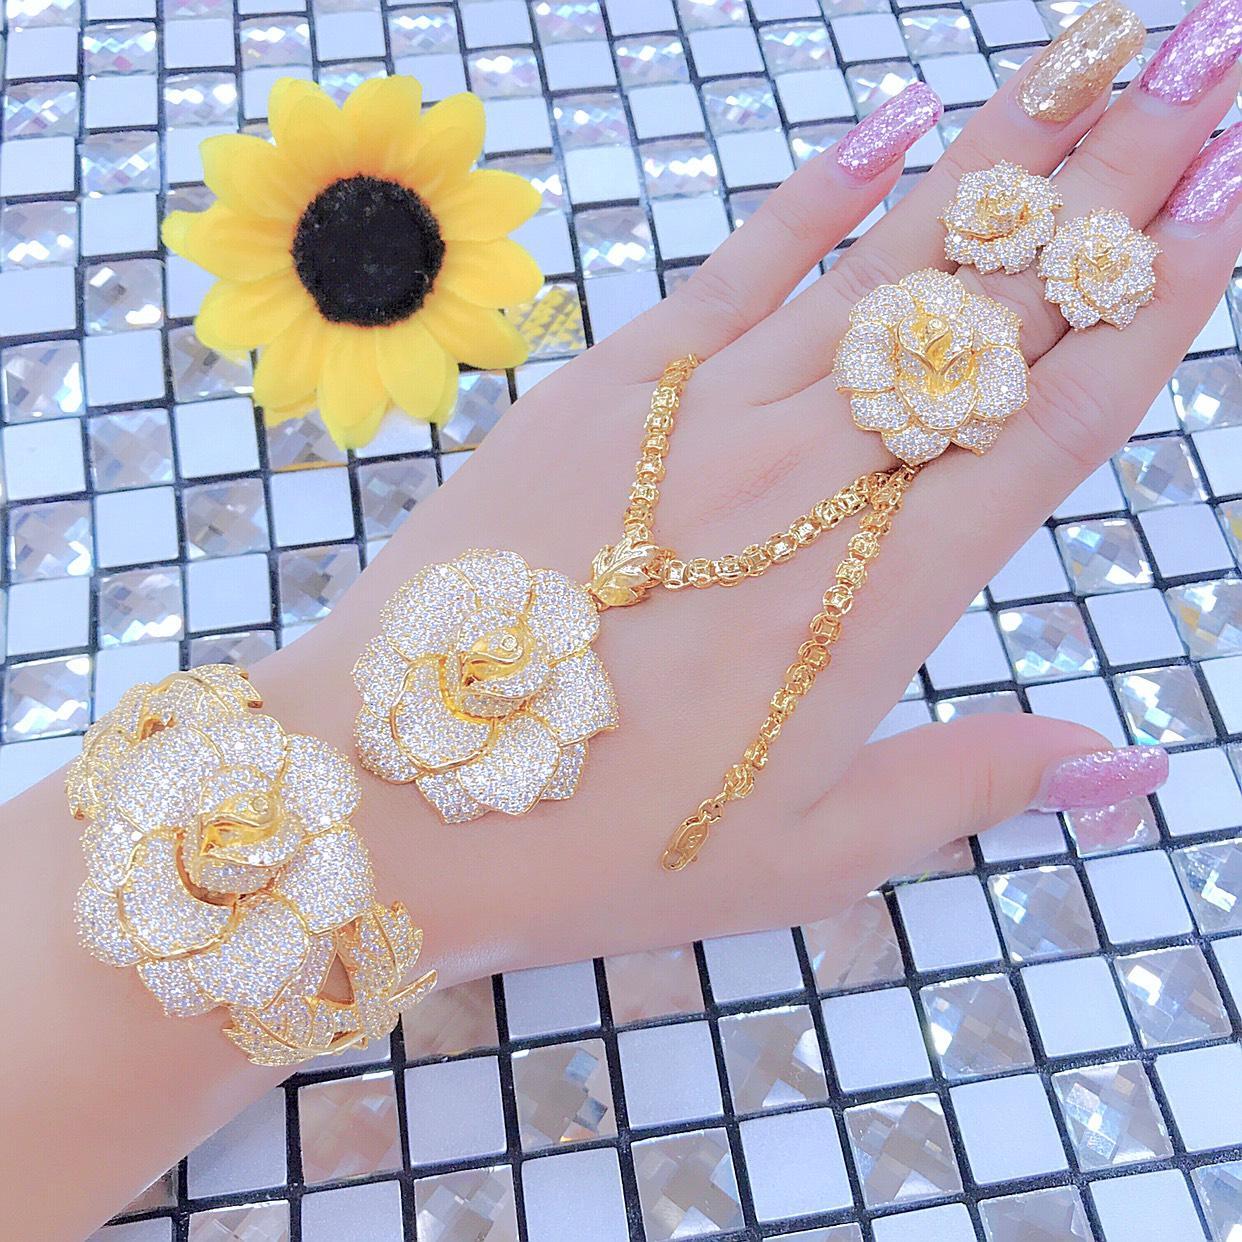 Trang Sức Bộ Hoa Lan - Givishop - B4090741 - vàng cưới, đồ trang sức vàng, nữ trang bộ vàng 18k, trang sức vàng, nữ trang vàng, bộ trang sức cưới vàng 18k, bộ vàng cưới, bộ trang sức vàng tây đẹp, bộ nữ trang cưới vàng 18k